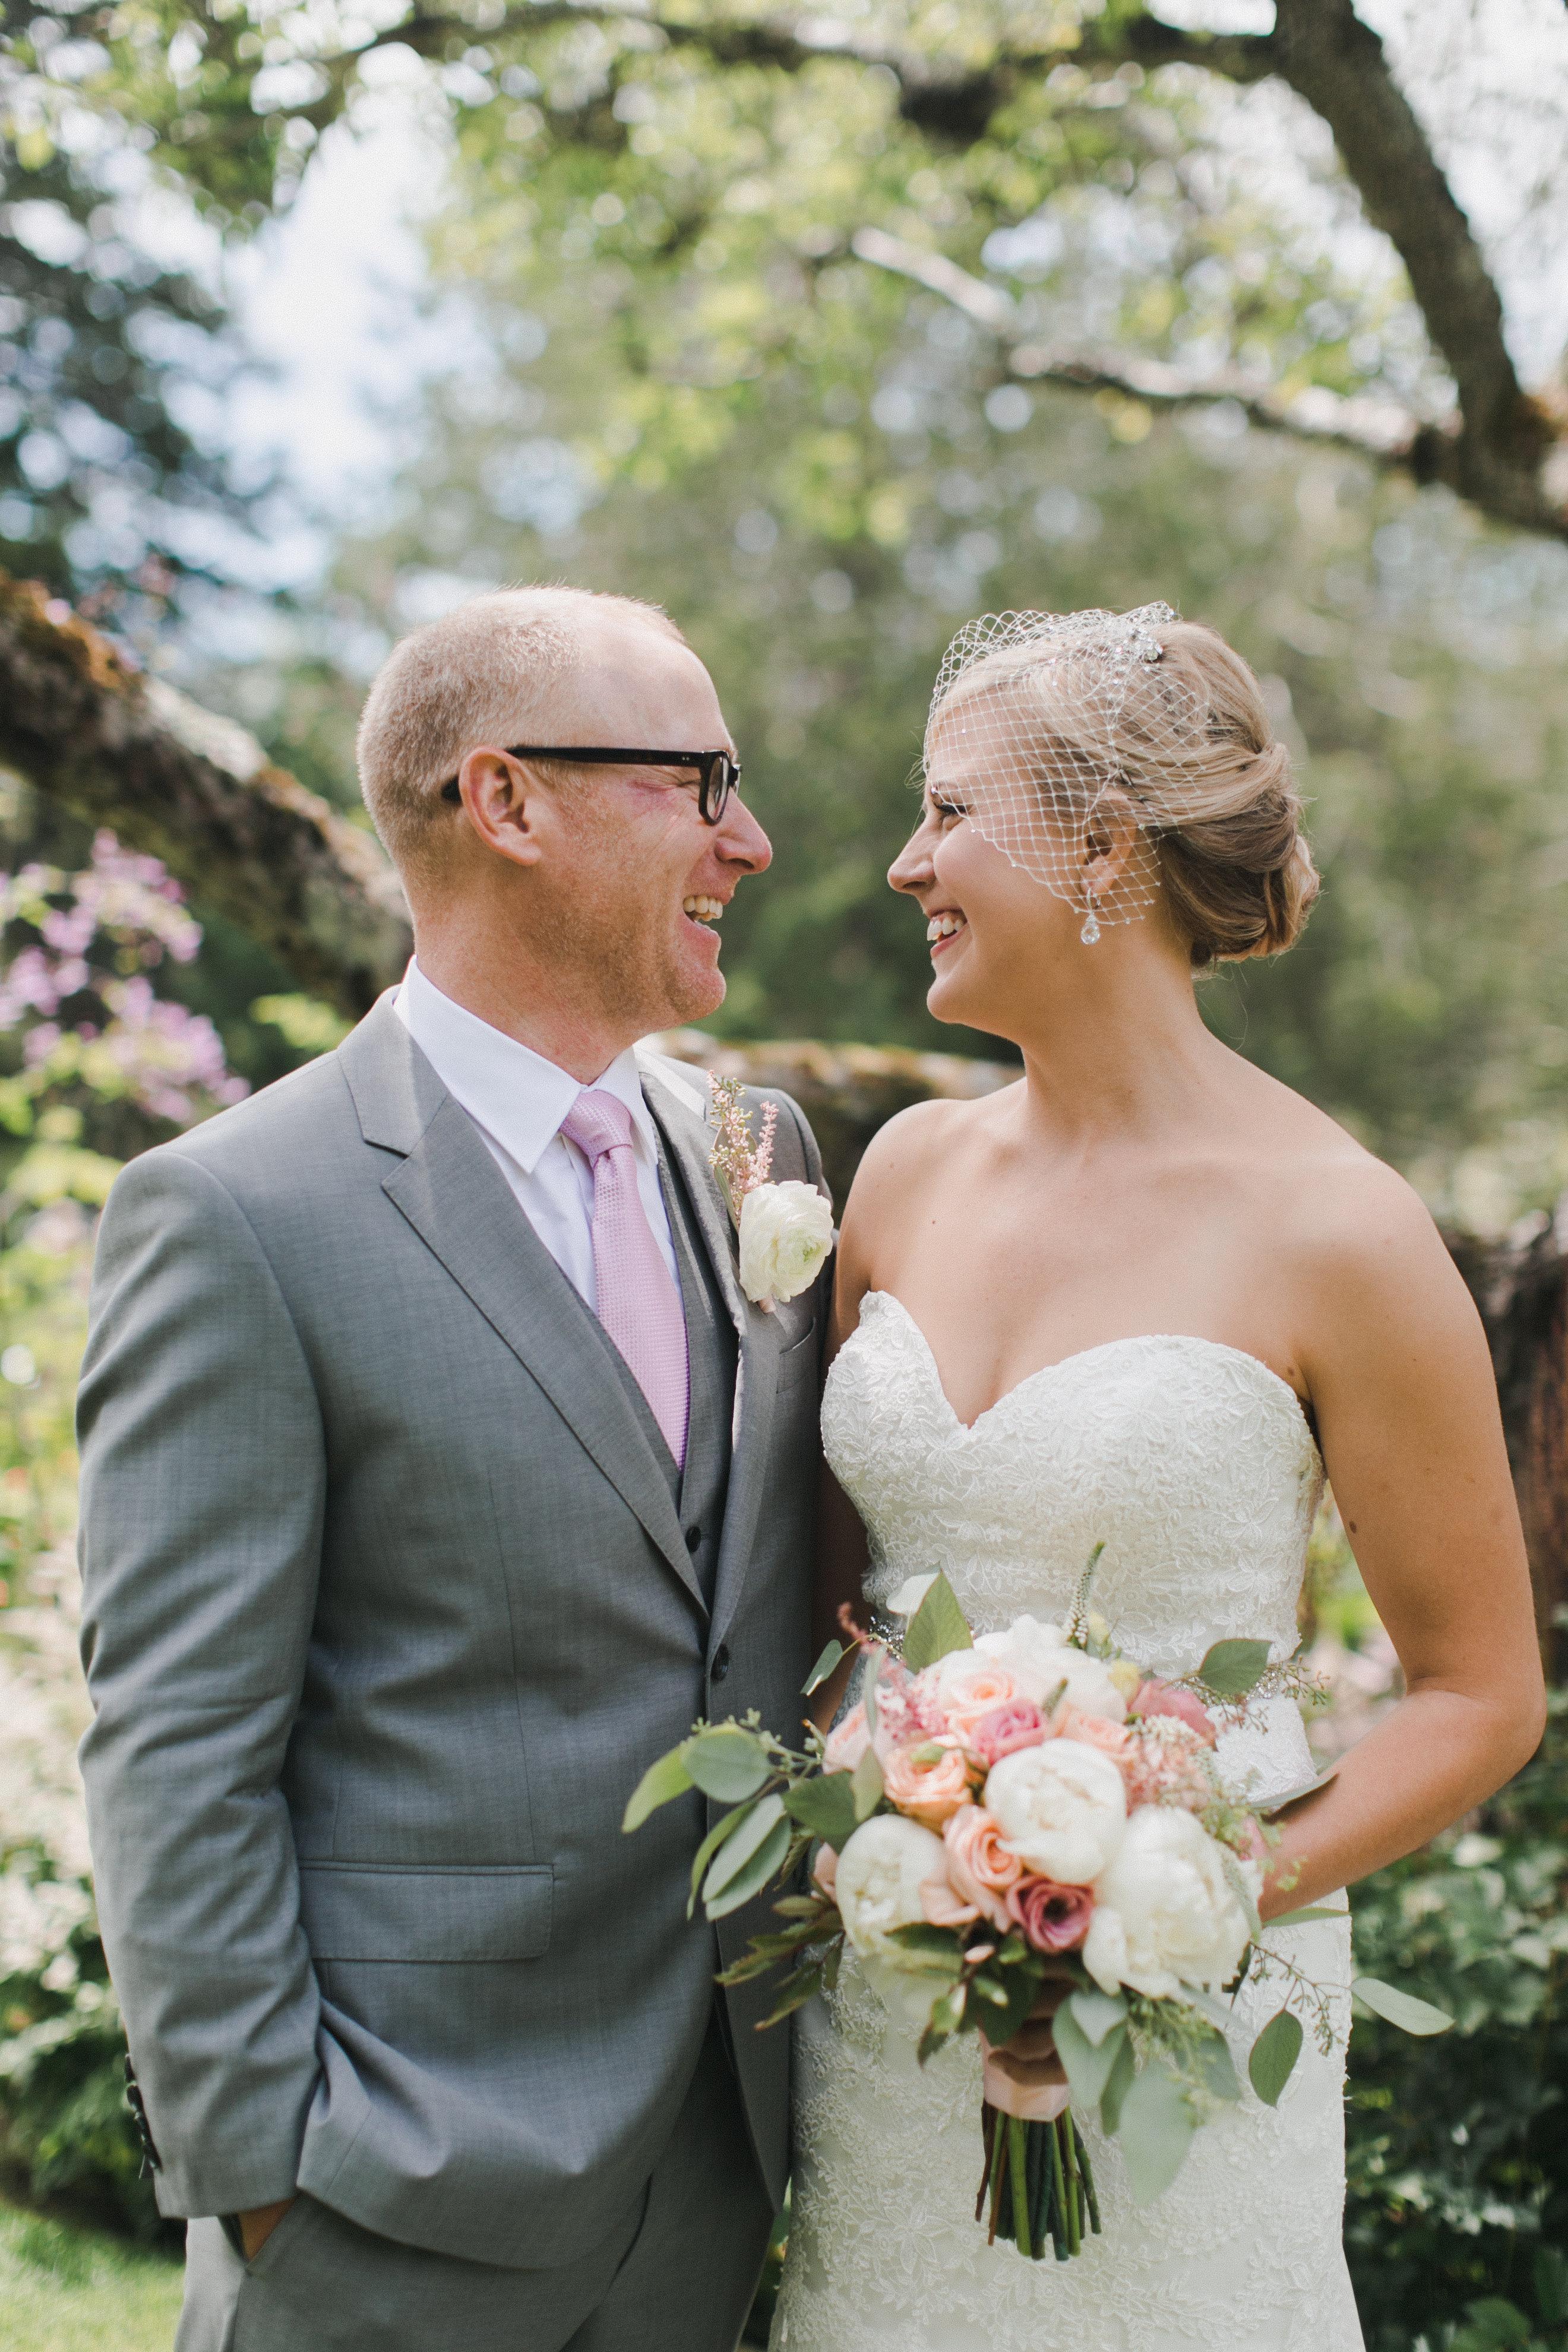 maine wedding, maine wedding designer, maine destination wedding, Luxury wedding planner, Northeast Harbor Maine, Acadia maine wedding, Bar harbor wedding, maine island wedding